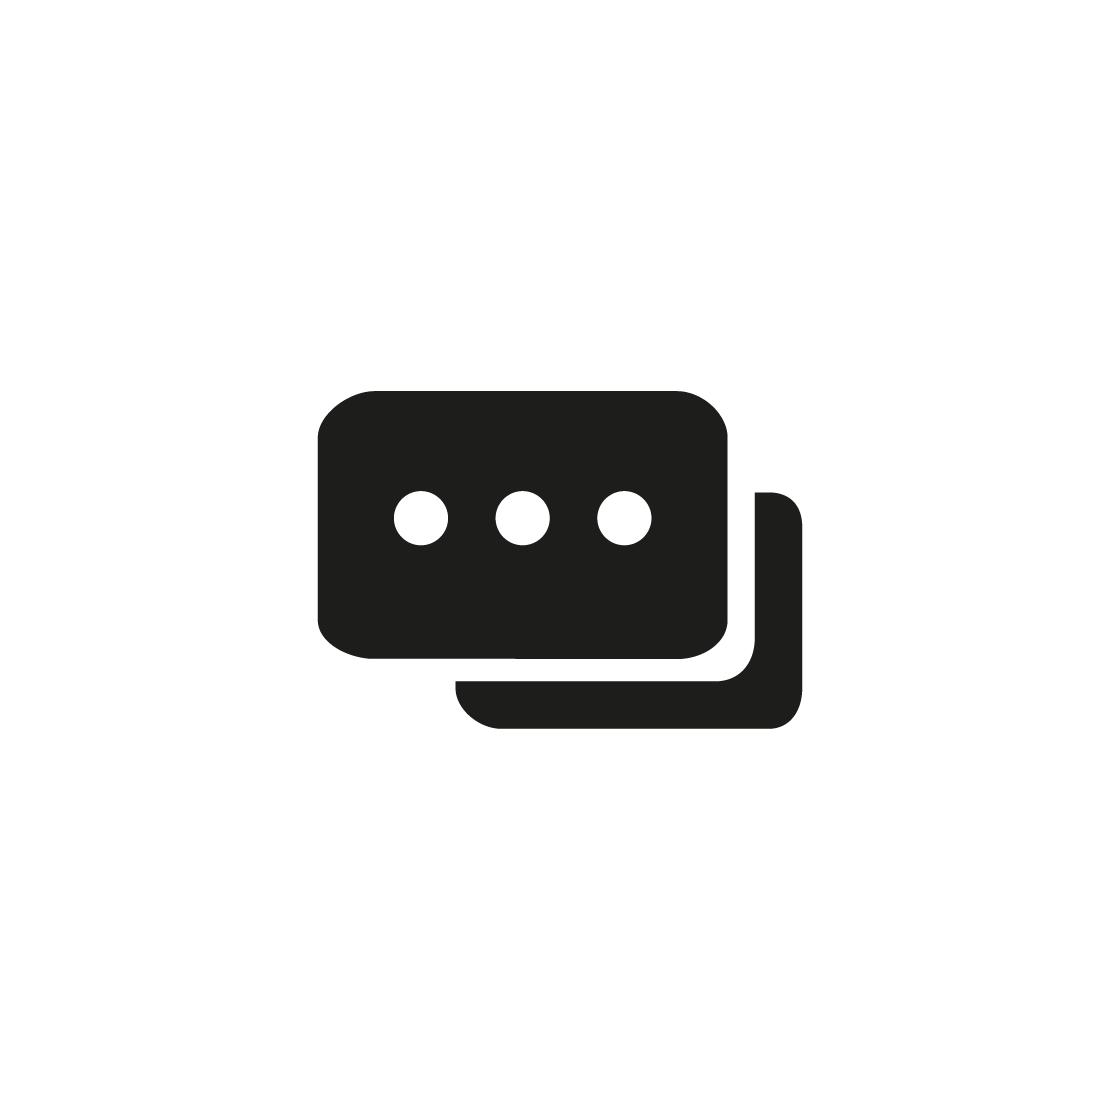 icones_Mesa de trabajo 1 copia 3